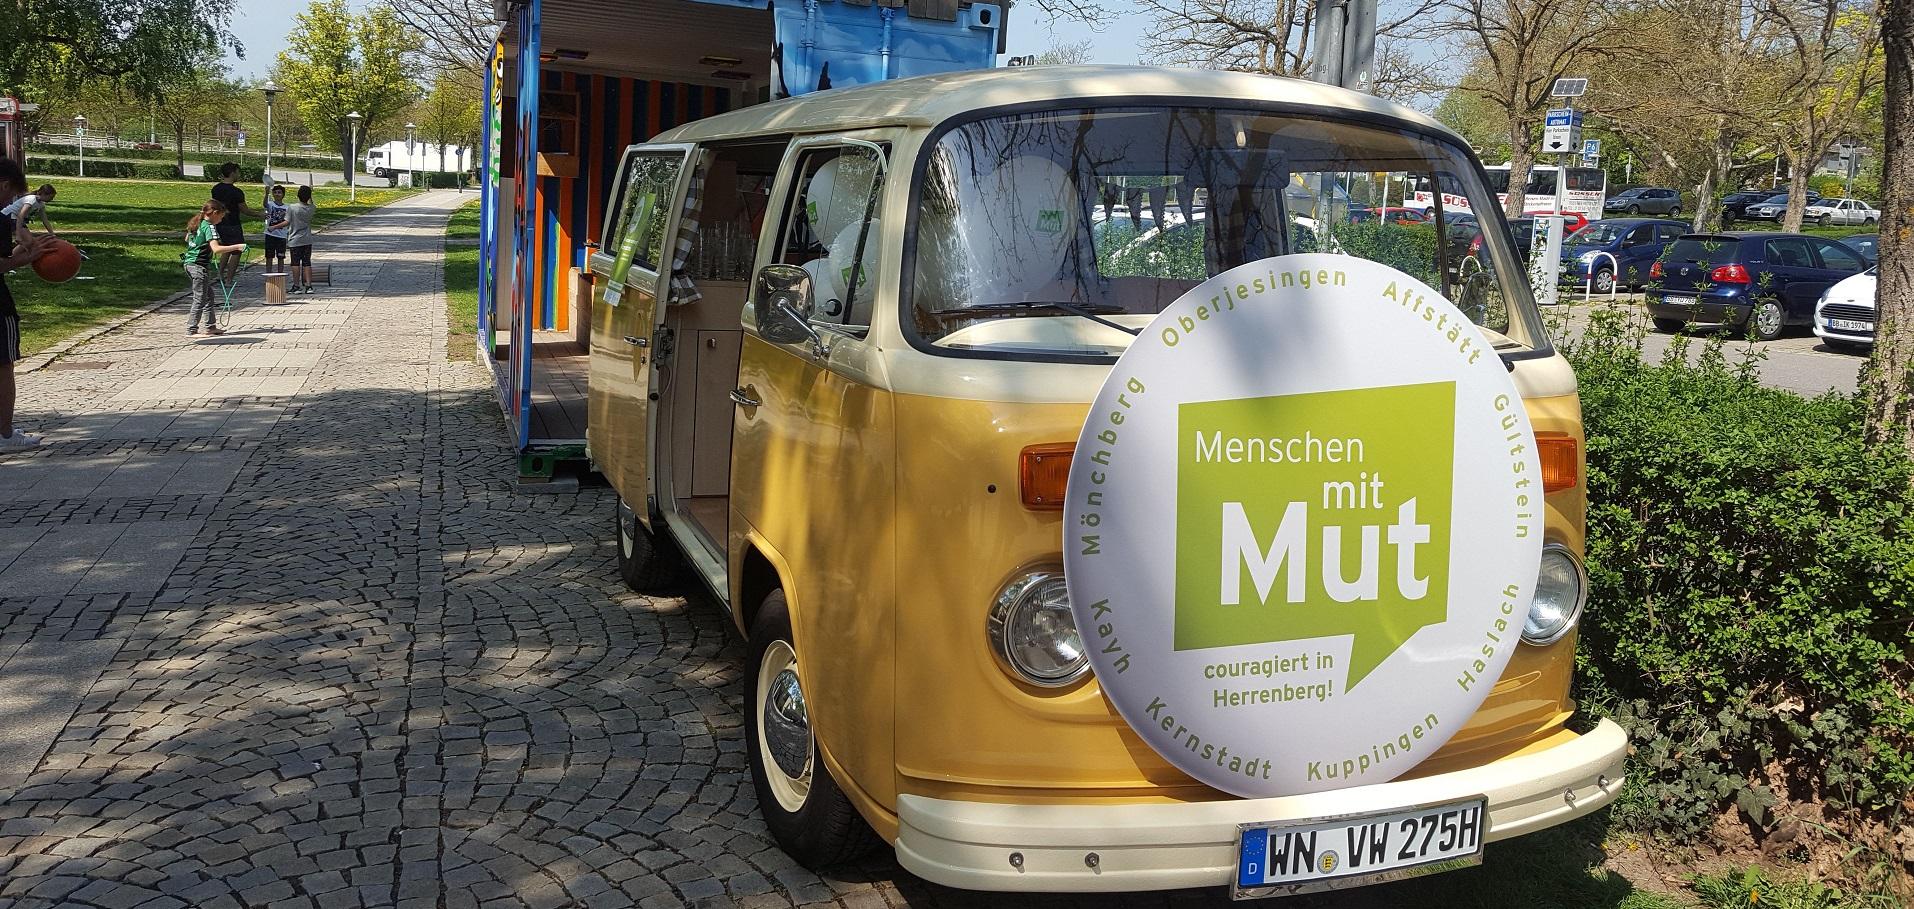 Das Mutmobil zog von Stadtteilfest zu Stadtteilfest und sammelt Geschichten von mutigen Menschen